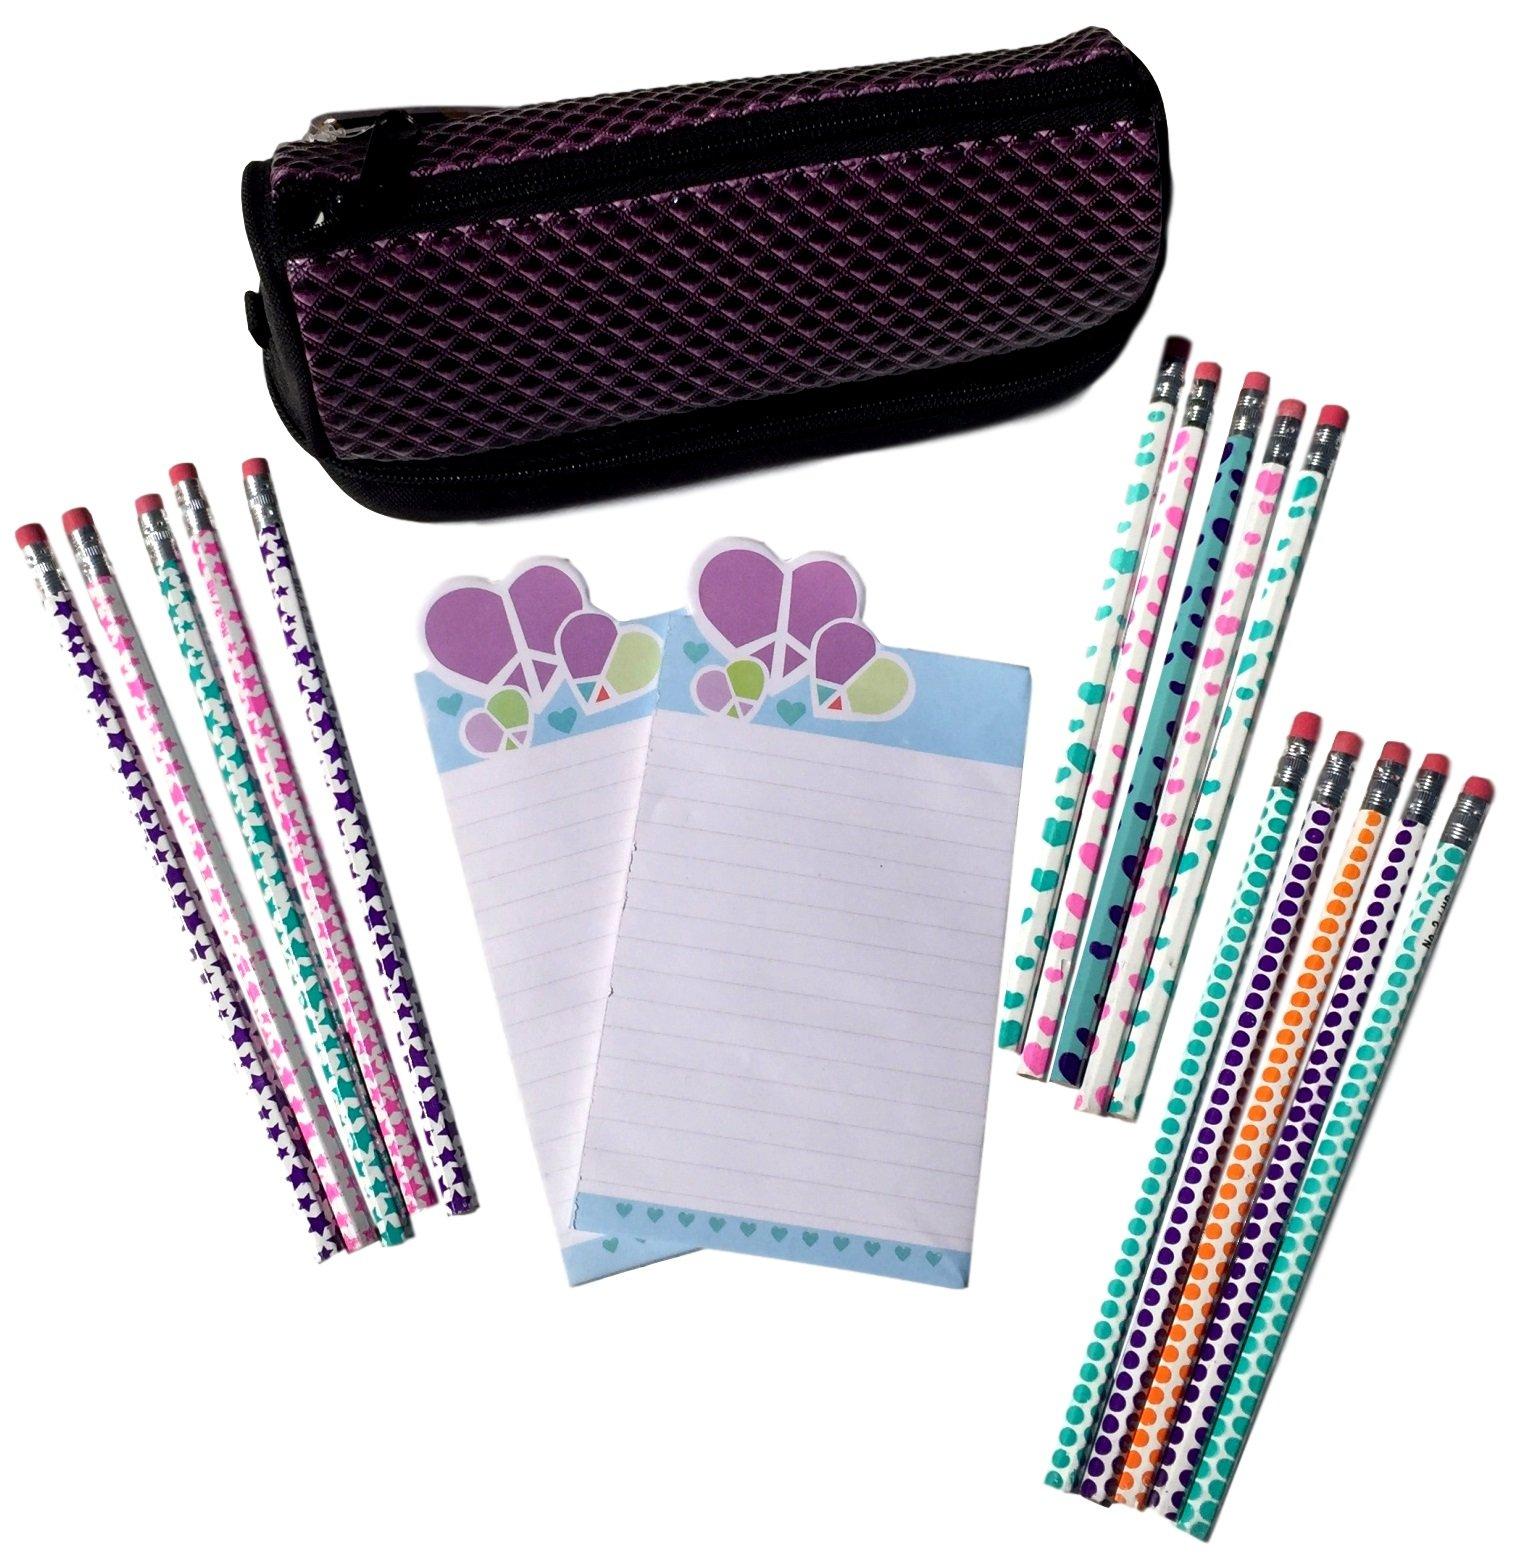 Vuelta a la escuela suministros Kit incluye un estuche morado y negro, 2 blocs de notas magnético y 3 juegos de # 2 Lápices: Amazon.es: Oficina y papelería